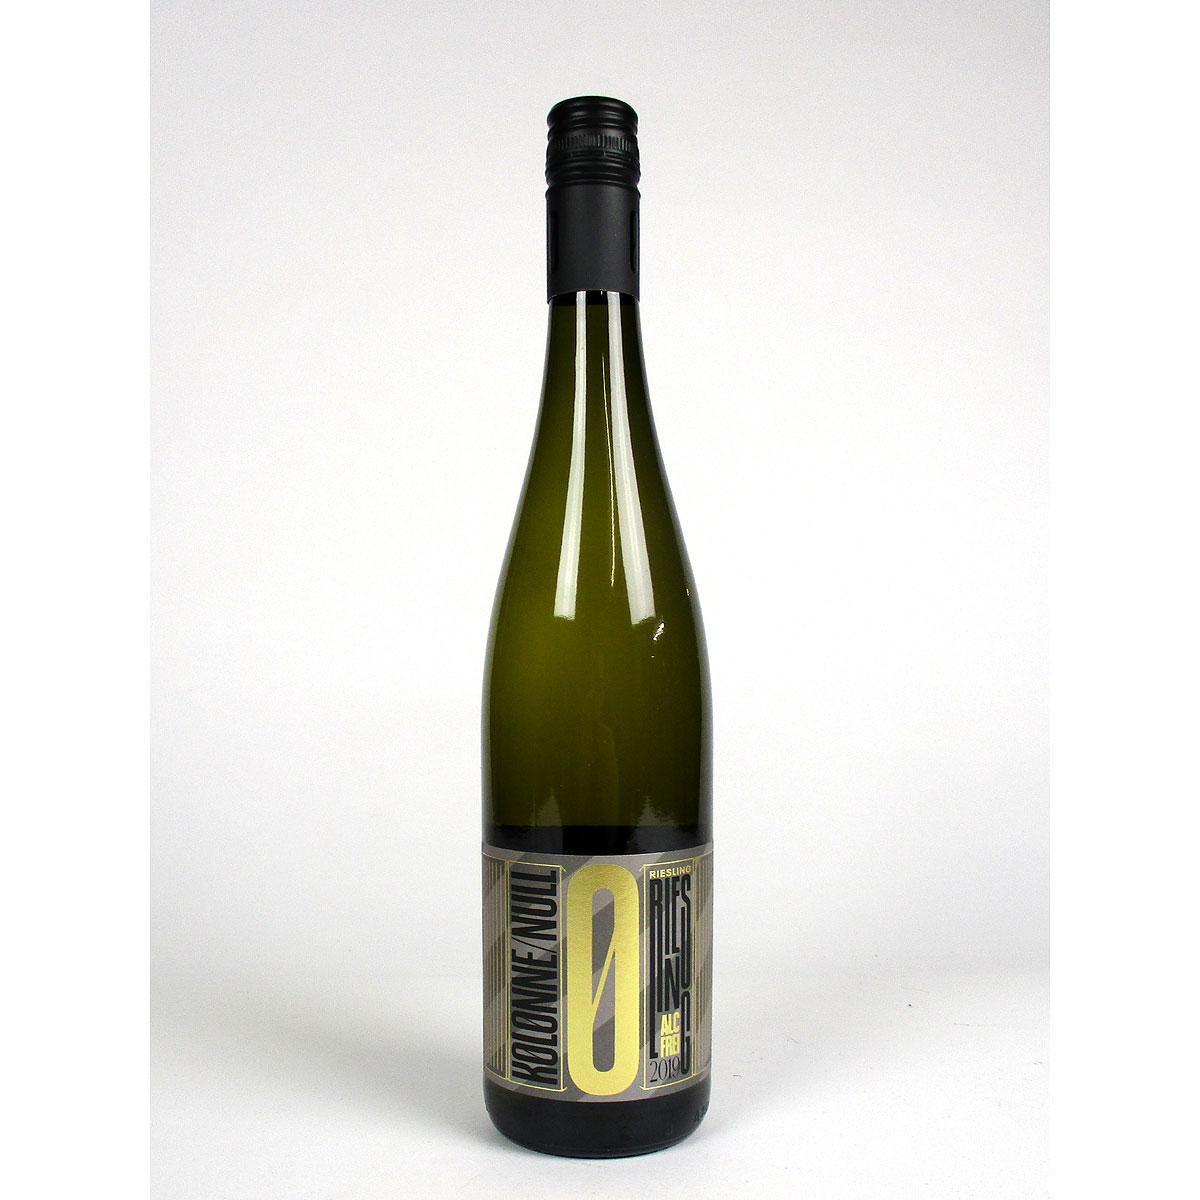 Nahe: Weingut Kruger-Rumpf 'Kolonne Null' Riesling 2019 - Bottle